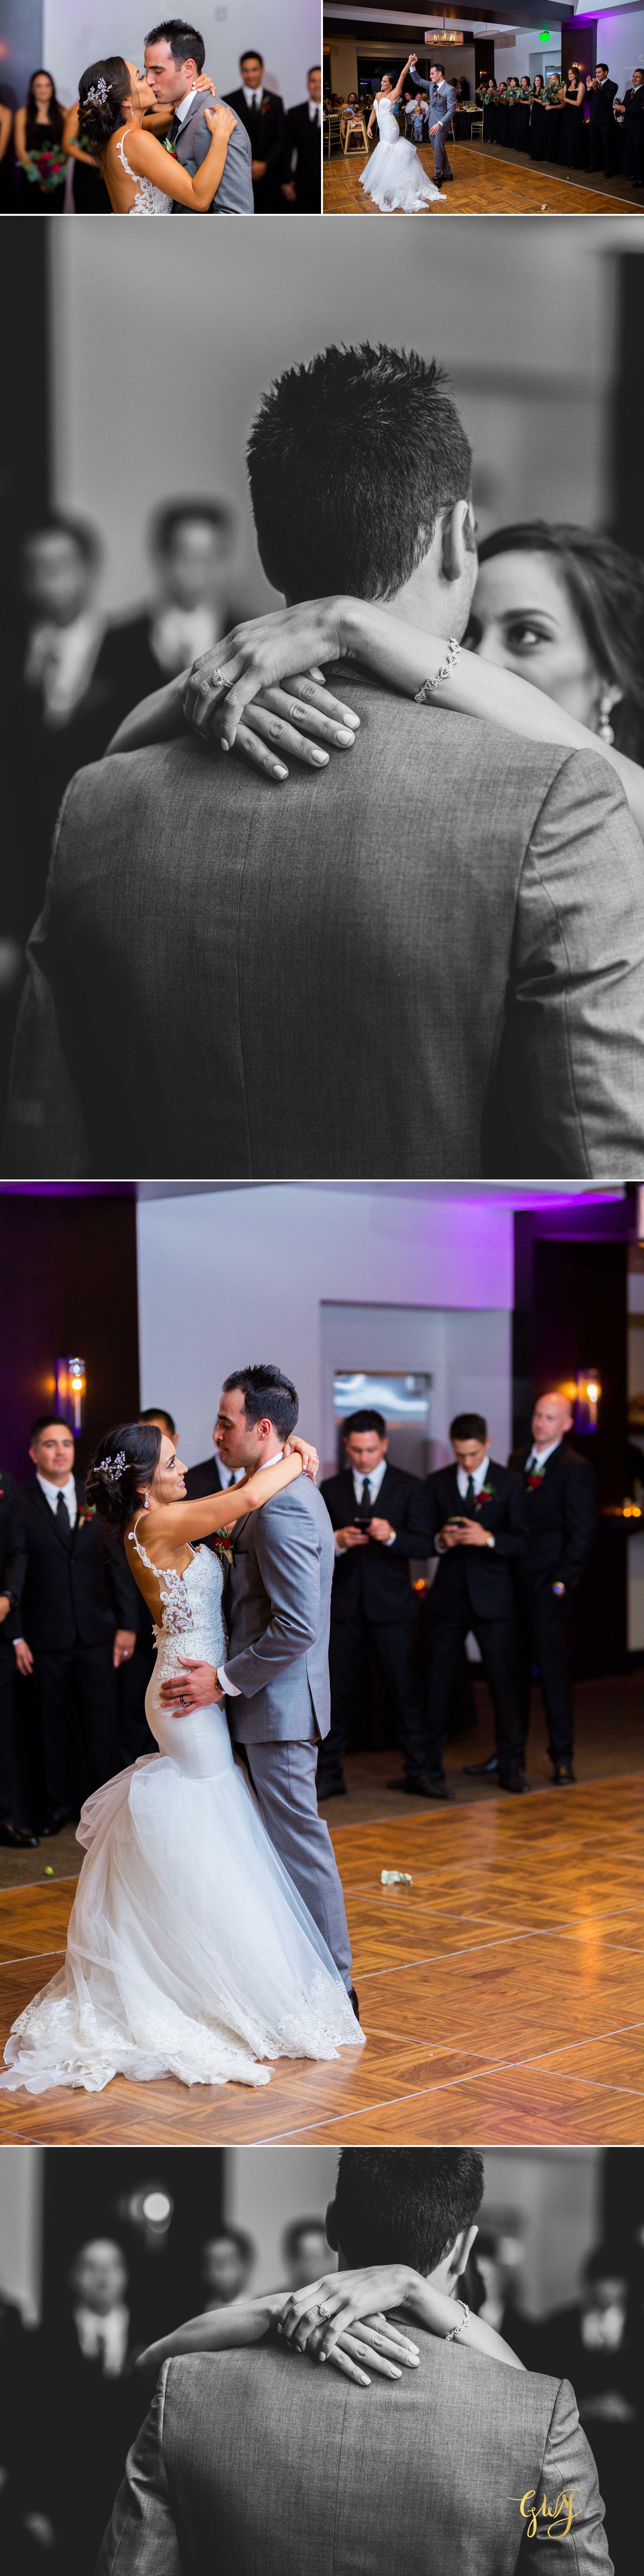 Alex + Jackie Elegant Tom Ham's Lighthouse San Diego Wedding by Glass Woods Media 39.jpg